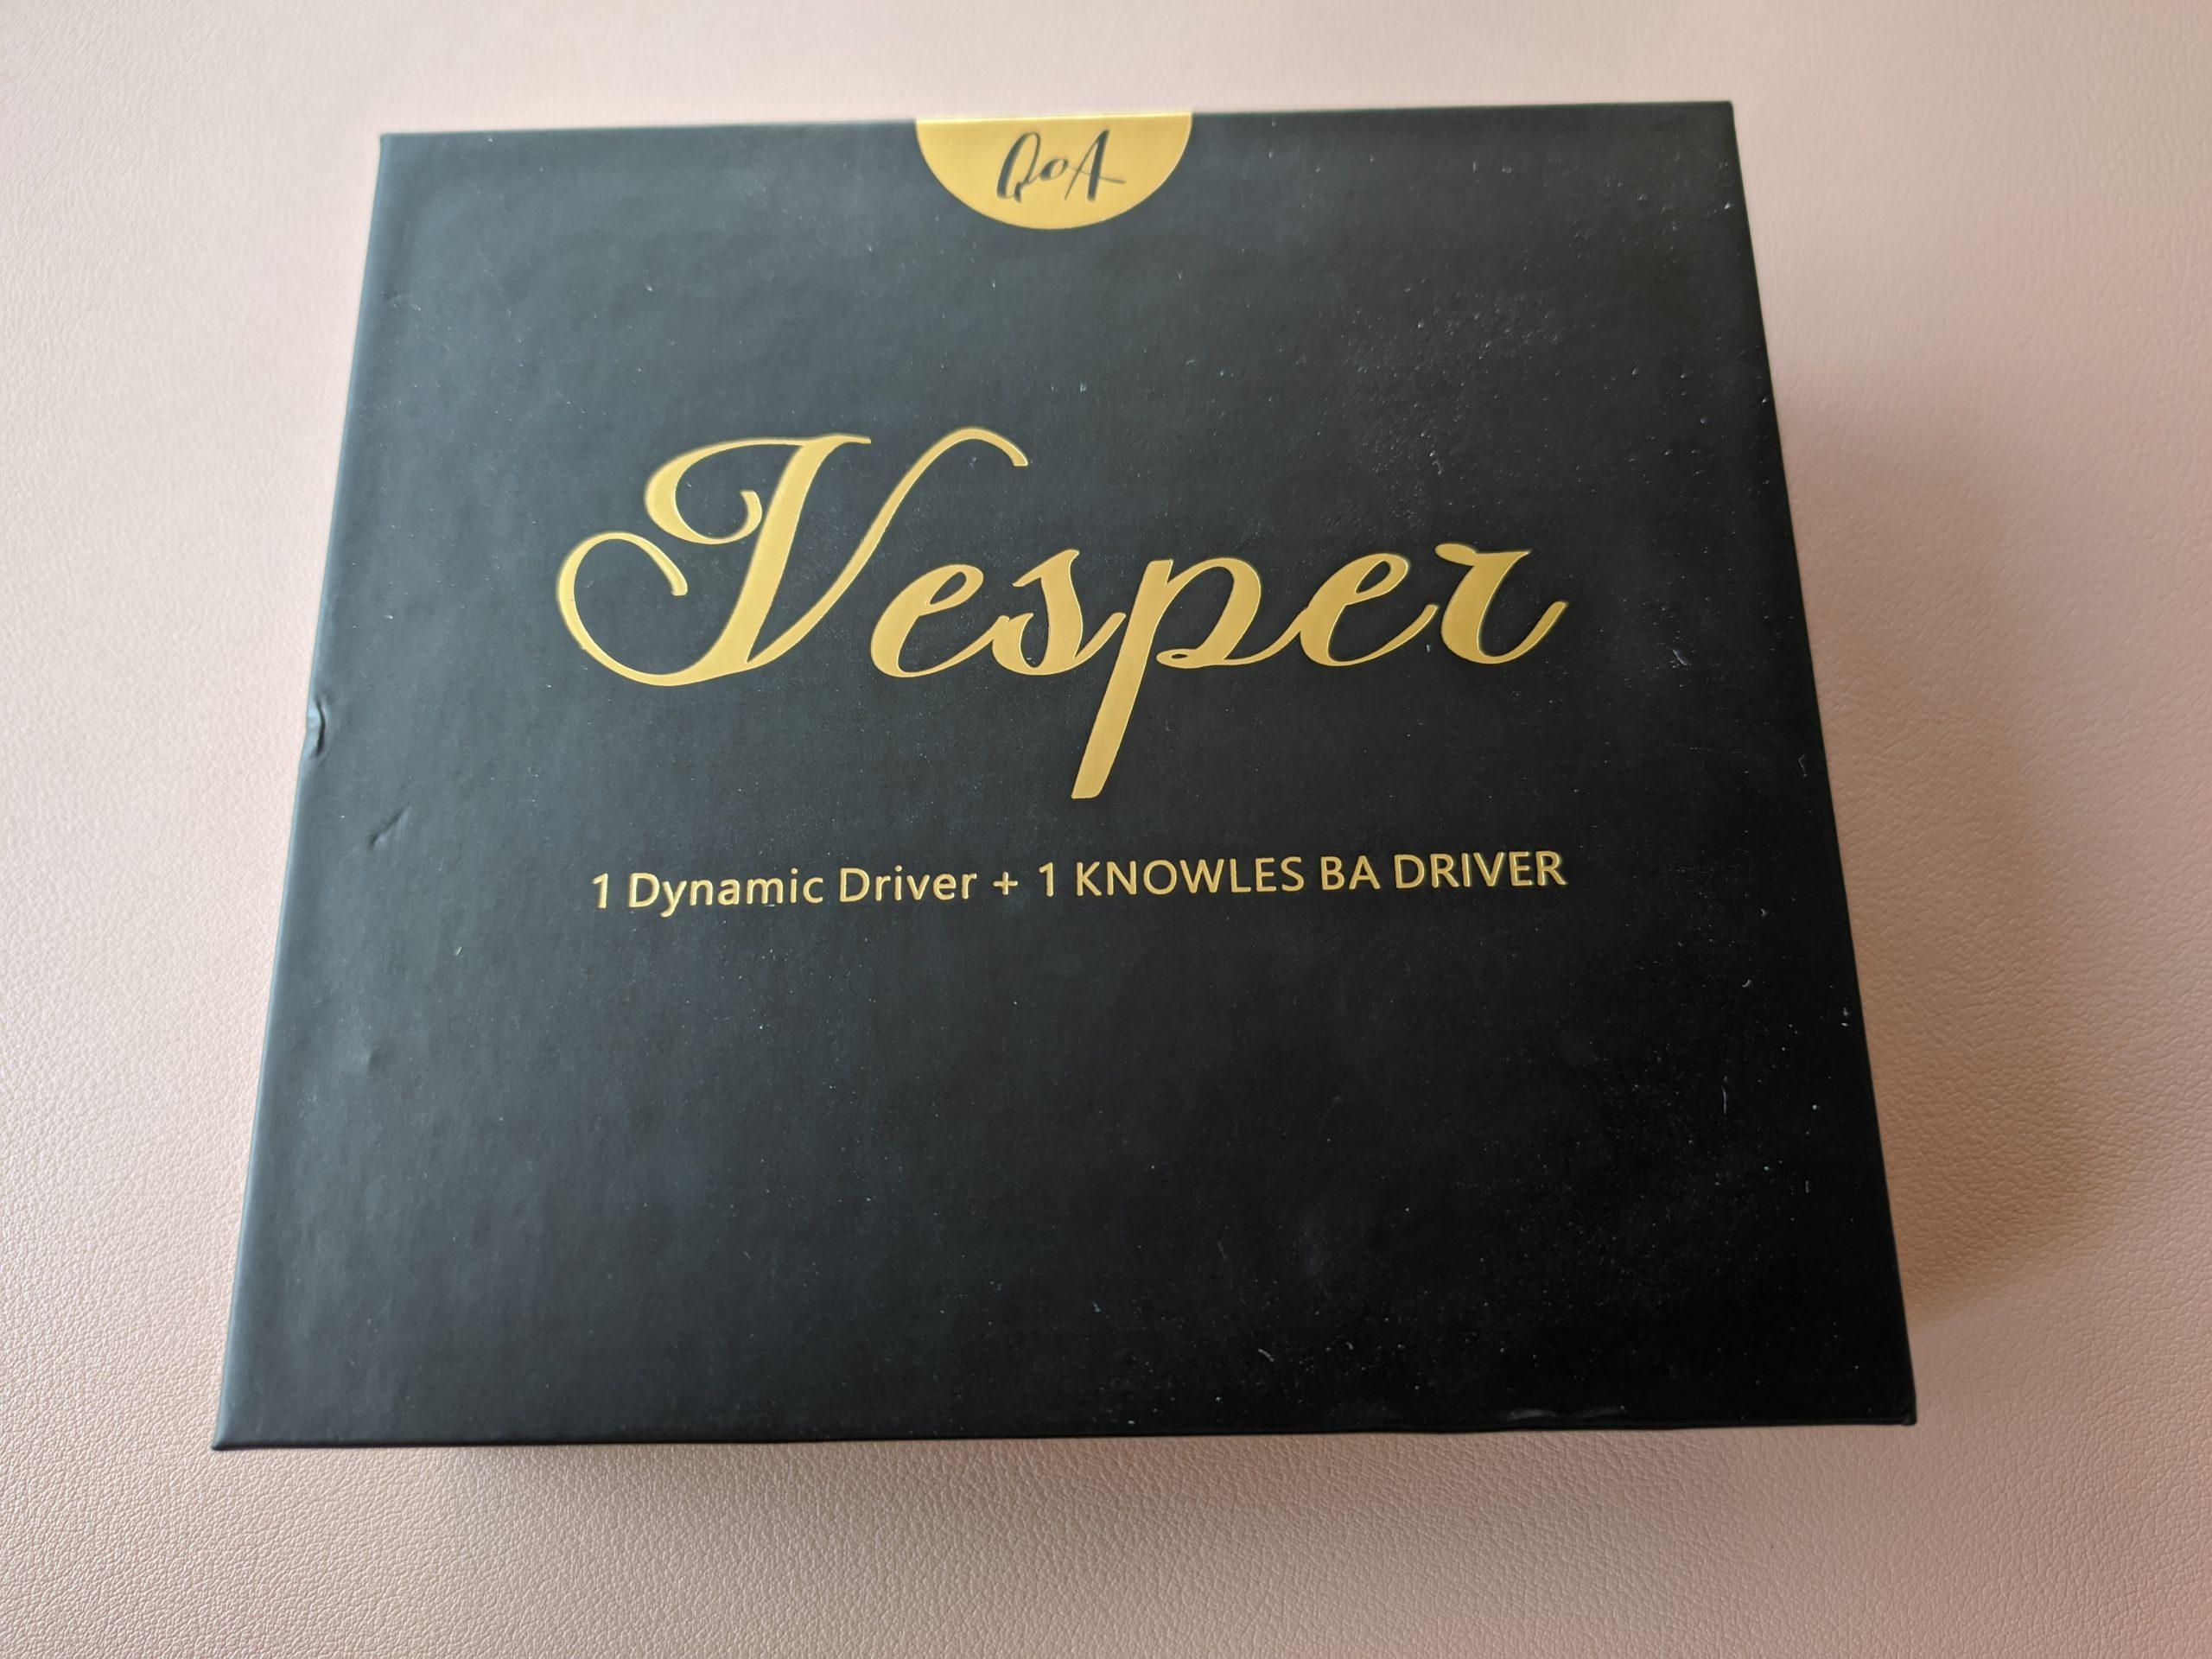 Packaging QoA Vesper